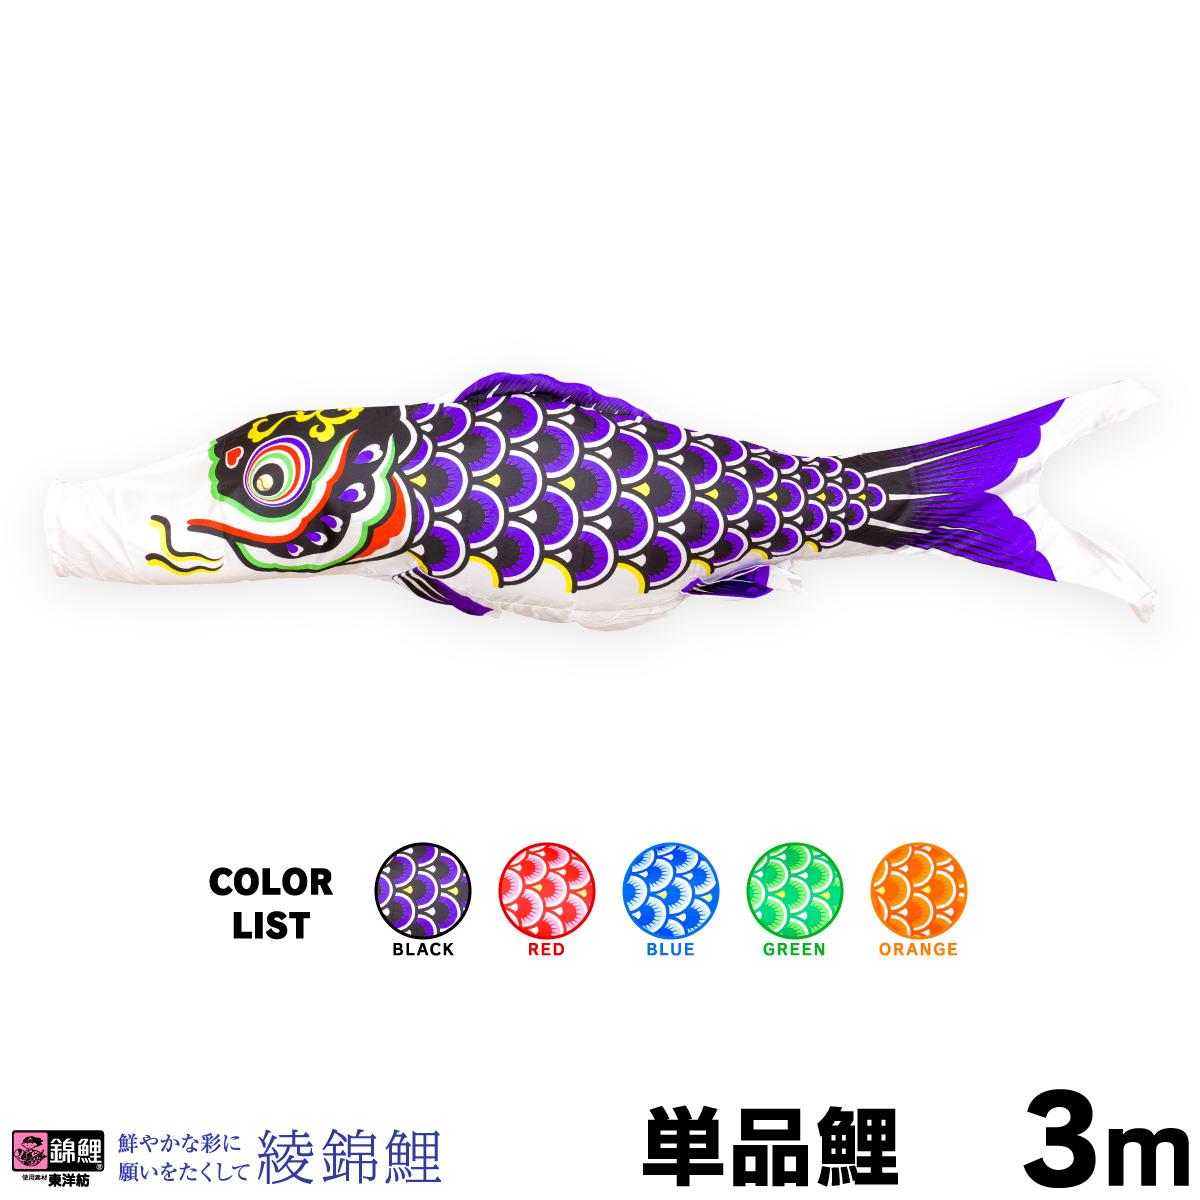 【こいのぼり 単品】 綾錦鯉 3m 単品鯉